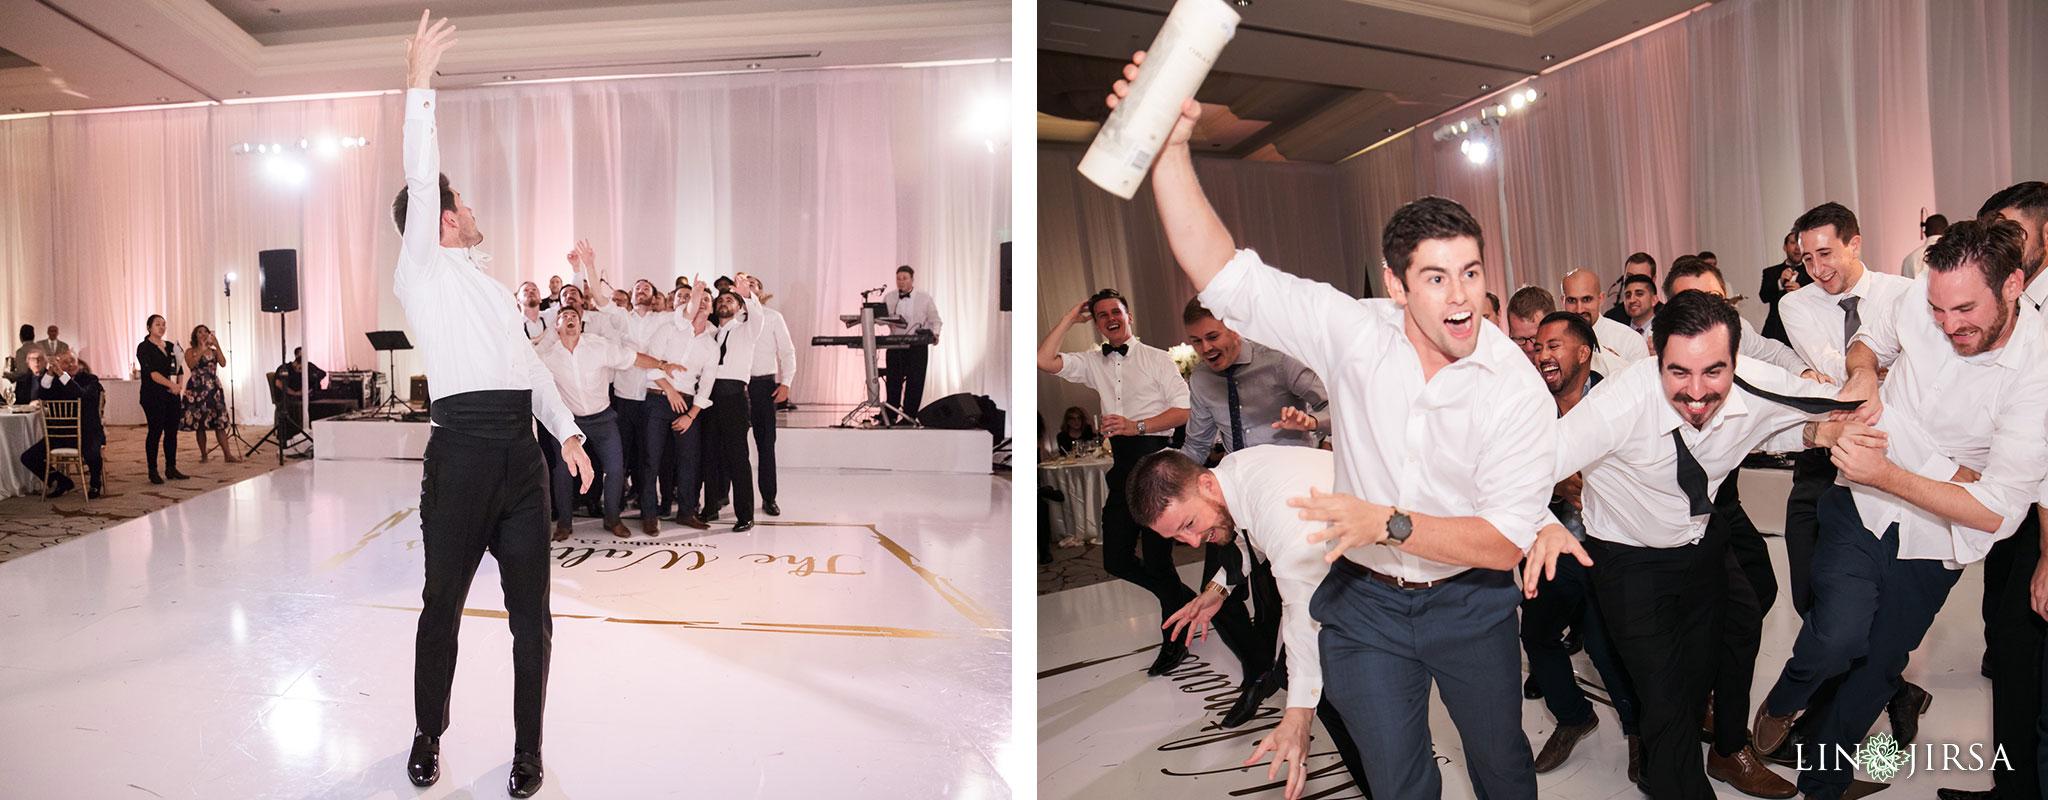 48 balboa bay wedding newport photography